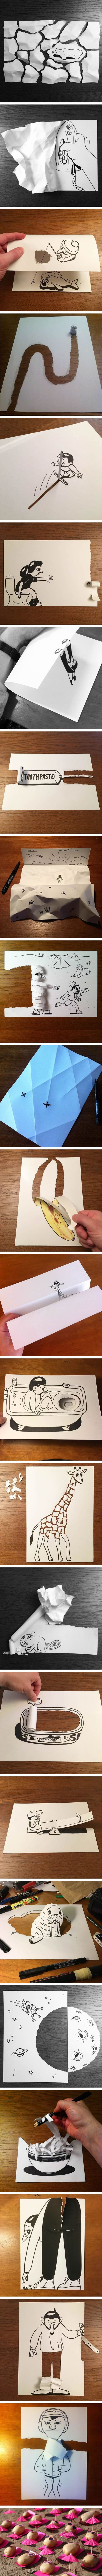 Copenhagen based Illustrator HuskMitNavn Uses Clever 3D Tricks To Bring His Cartoons To Life